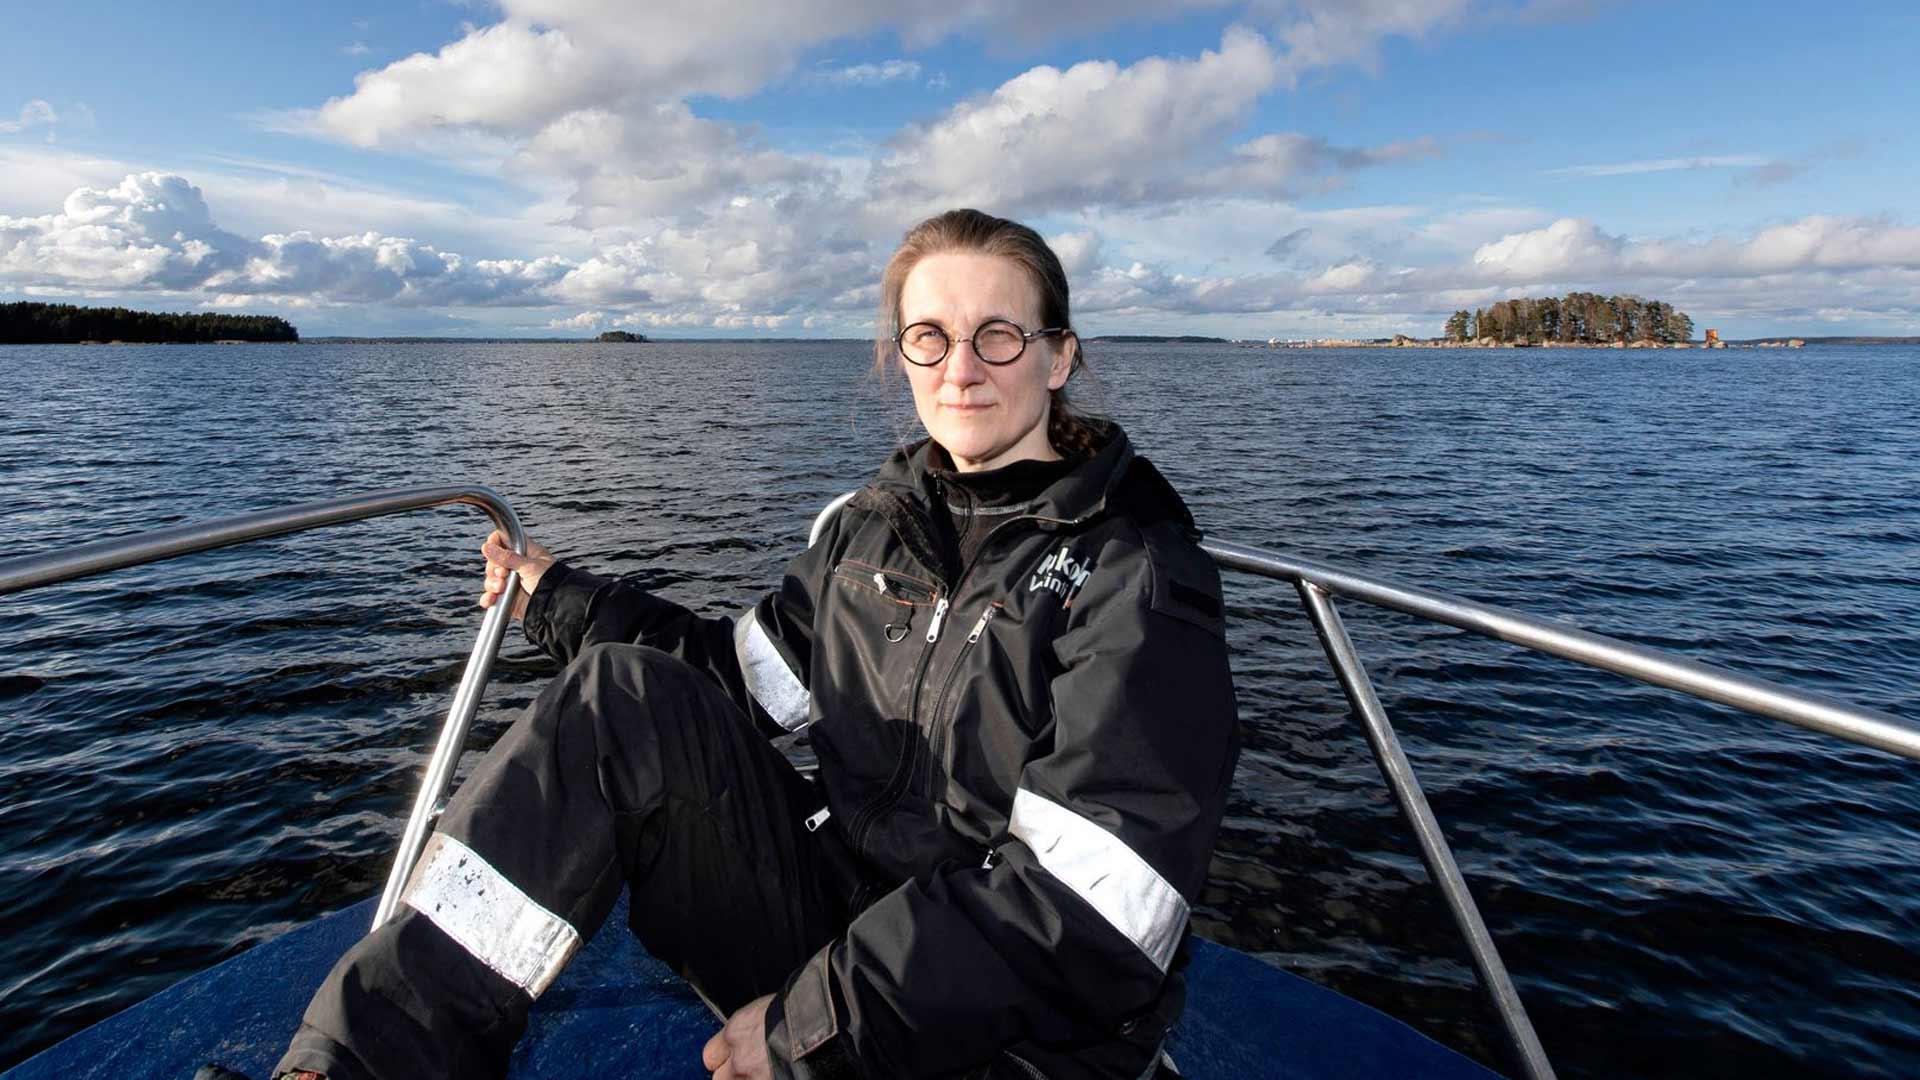 Laura Hyvöselle merireitti kotisaareen on myös aina paluuta menneisyyteen.